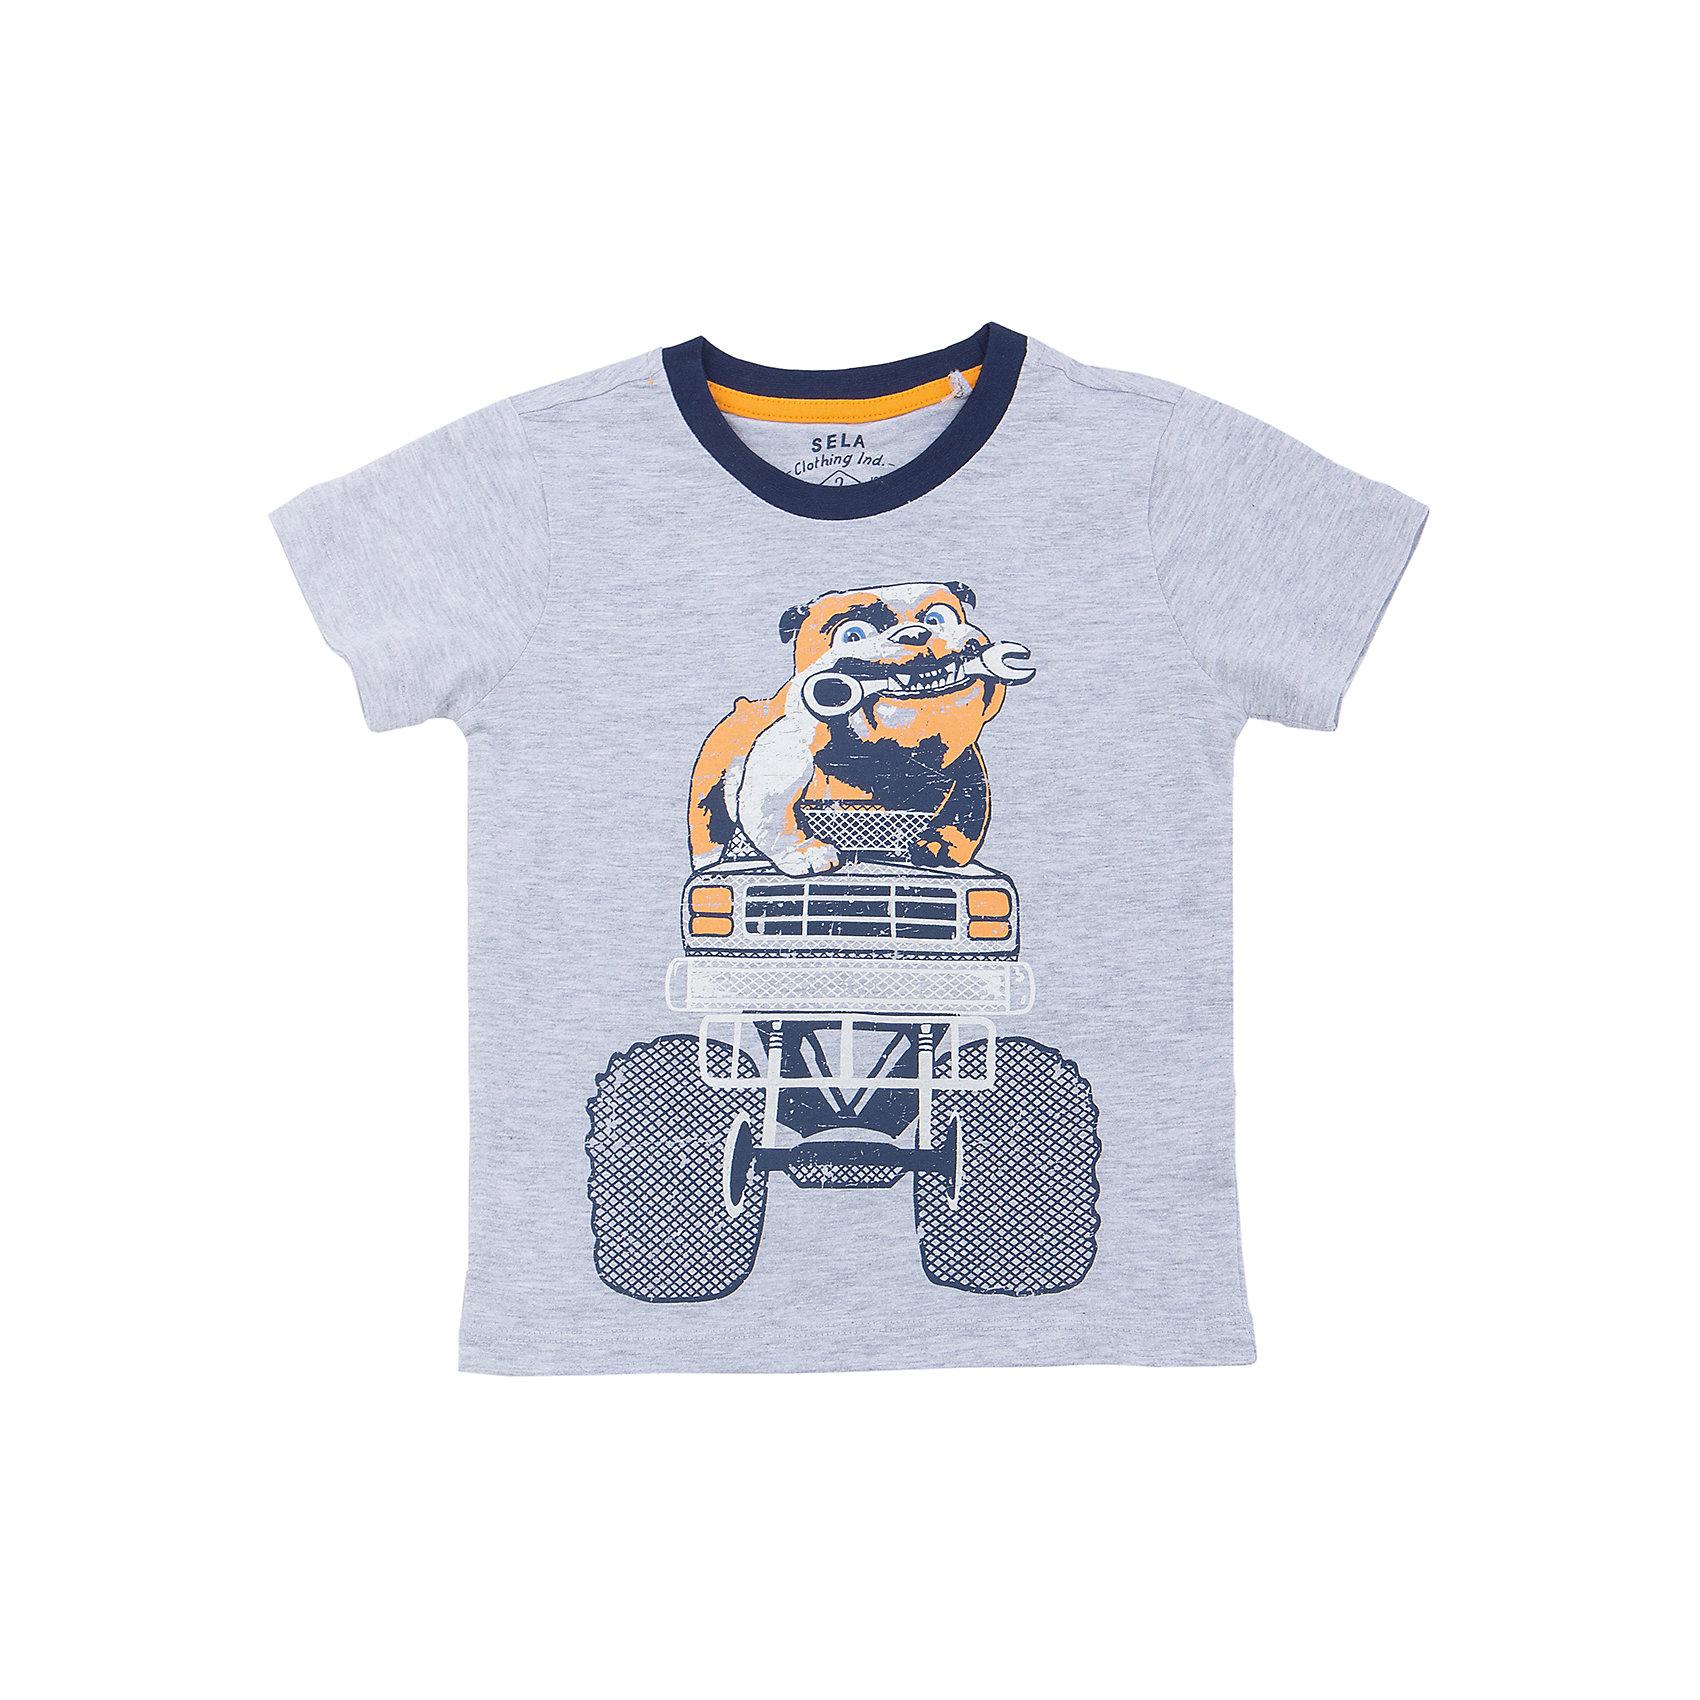 Футболка  для мальчика SELAХарактеристики товара:<br><br>• цвет: серый<br>• состав: 100% хлопок<br>• принт<br>• короткие рукава<br>• округлый горловой вырез<br>• коллекция весна-лето 2017<br>• страна бренда: Российская Федерация<br><br>В новой коллекции SELA отличные модели одежды! Эта футболка для мальчика поможет разнообразить гардероб ребенка и обеспечить комфорт. Она отлично сочетается с джинсами и брюками. В составе - только дышащий и гипоаллергенный хлопок!<br><br>Одежда, обувь и аксессуары от российского бренда SELA не зря пользуются большой популярностью у детей и взрослых! Модели этой марки - стильные и удобные, цена при этом неизменно остается доступной. Для их производства используются только безопасные, качественные материалы и фурнитура. Новая коллекция поддерживает хорошие традиции бренда! <br><br>Футболку для мальчика от популярного бренда SELA (СЕЛА) можно купить в нашем интернет-магазине.<br><br>Ширина мм: 230<br>Глубина мм: 40<br>Высота мм: 220<br>Вес г: 250<br>Цвет: серый<br>Возраст от месяцев: 60<br>Возраст до месяцев: 72<br>Пол: Мужской<br>Возраст: Детский<br>Размер: 116,104,98,110,92<br>SKU: 5303875